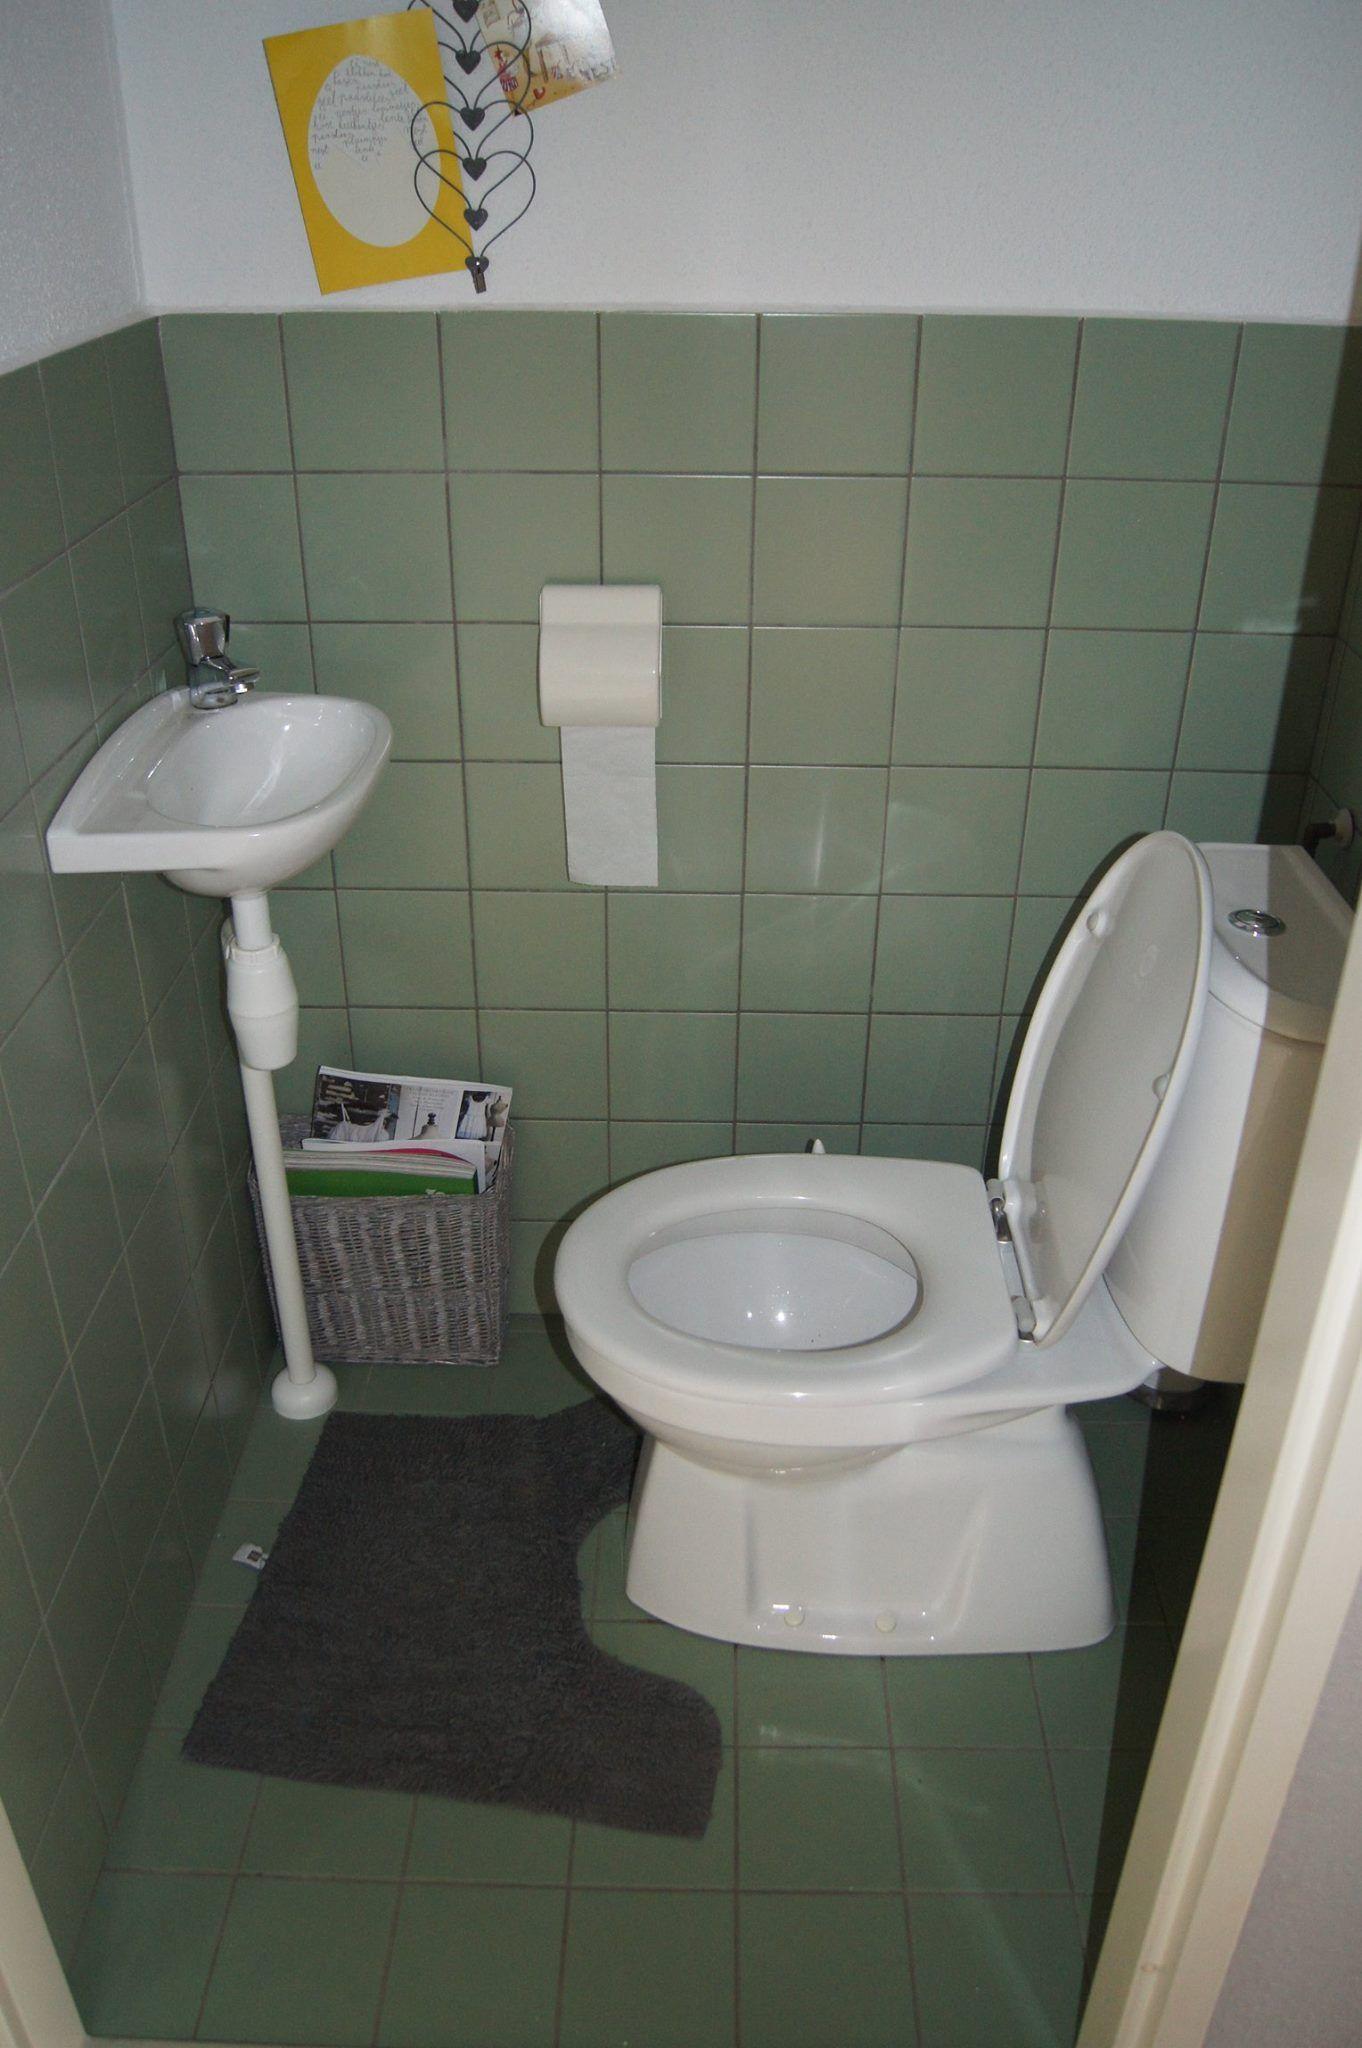 Vintage Paint ook geschikt voor tegels in toilet - interieur ...